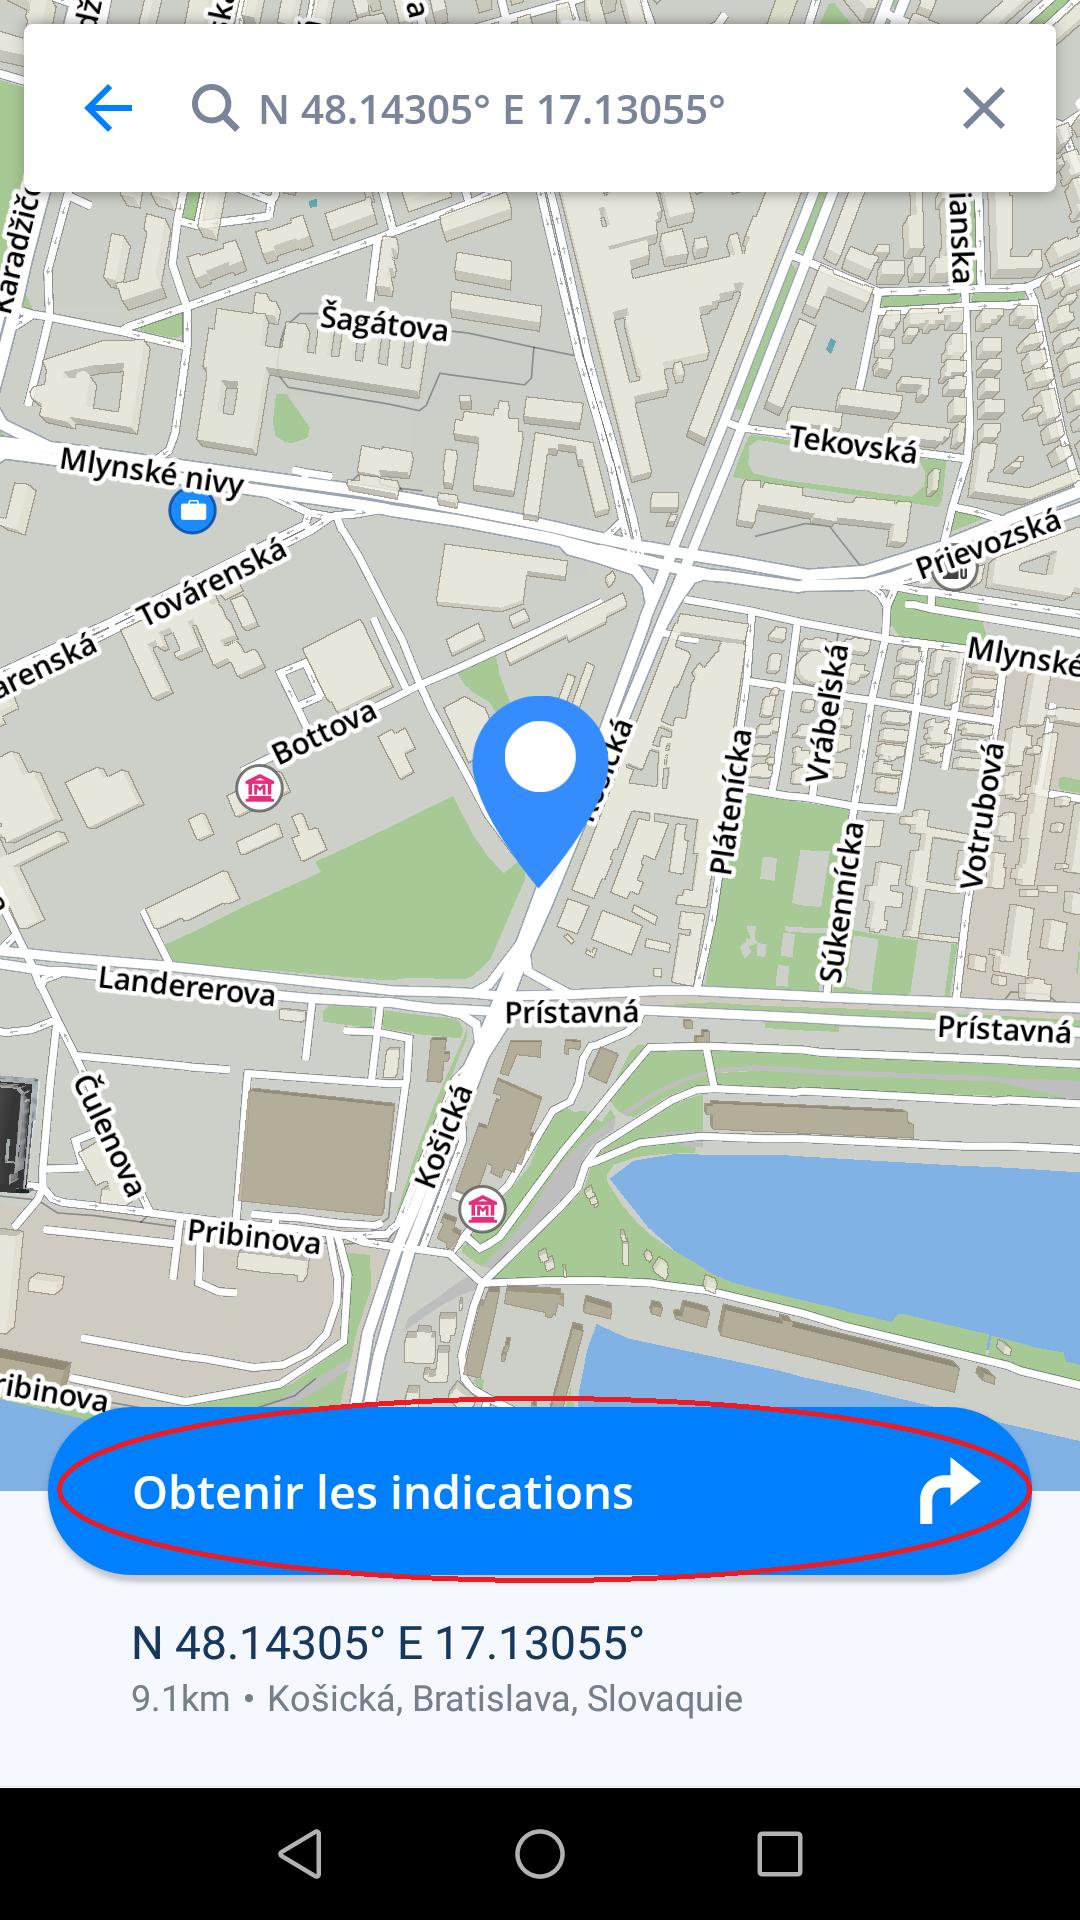 naviguer vers coordonn es gps sygic gps navigation for android 17 1. Black Bedroom Furniture Sets. Home Design Ideas